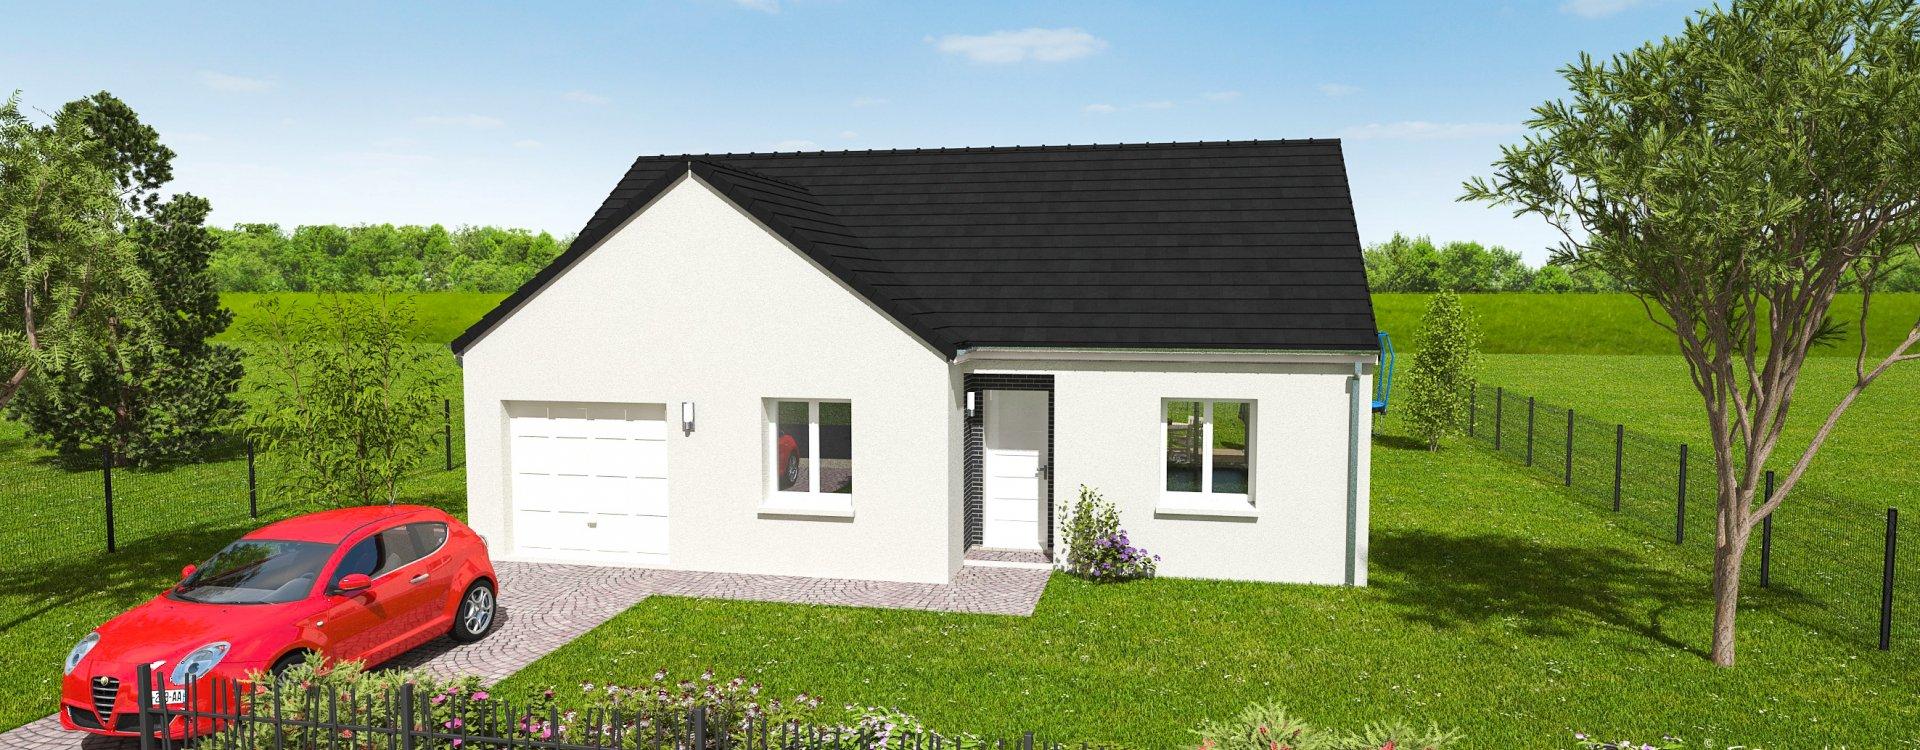 Maisons + Terrains du constructeur EASY HOUSE FRANCE • 75 m² • GIDY